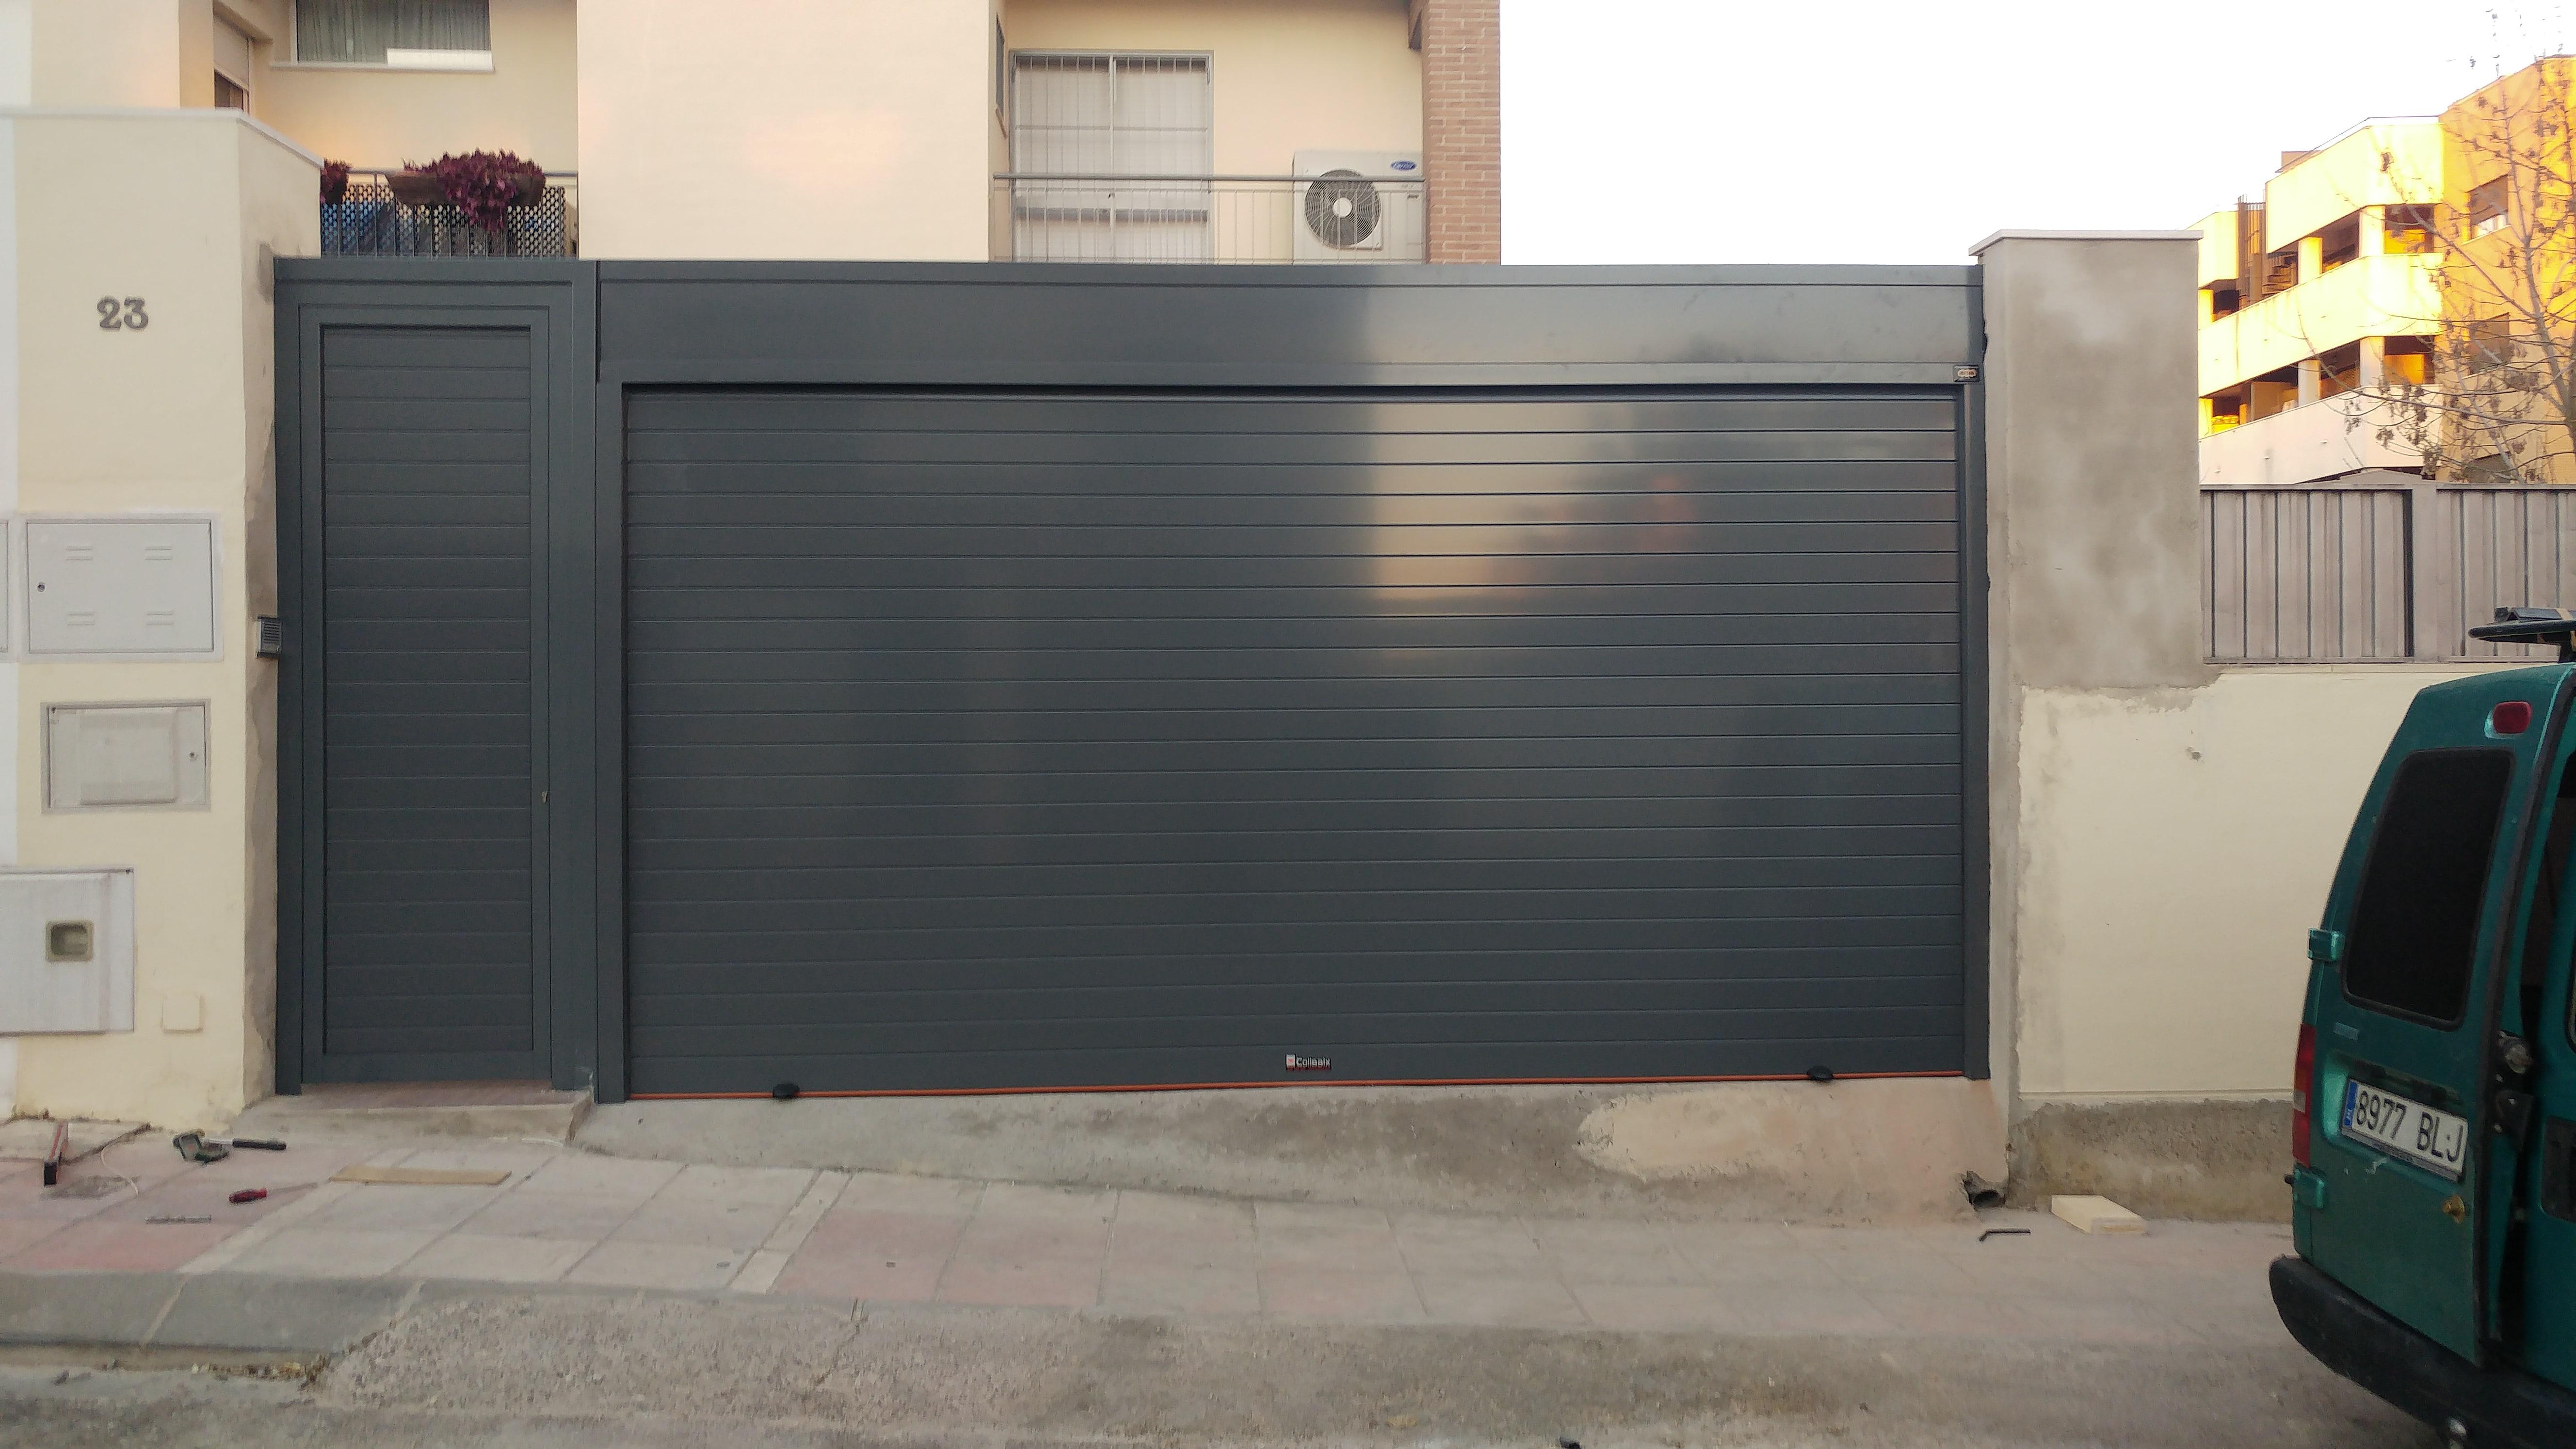 Cancelas autom ticas puertas automaticas mena - Puertas automaticas para cocheras ...